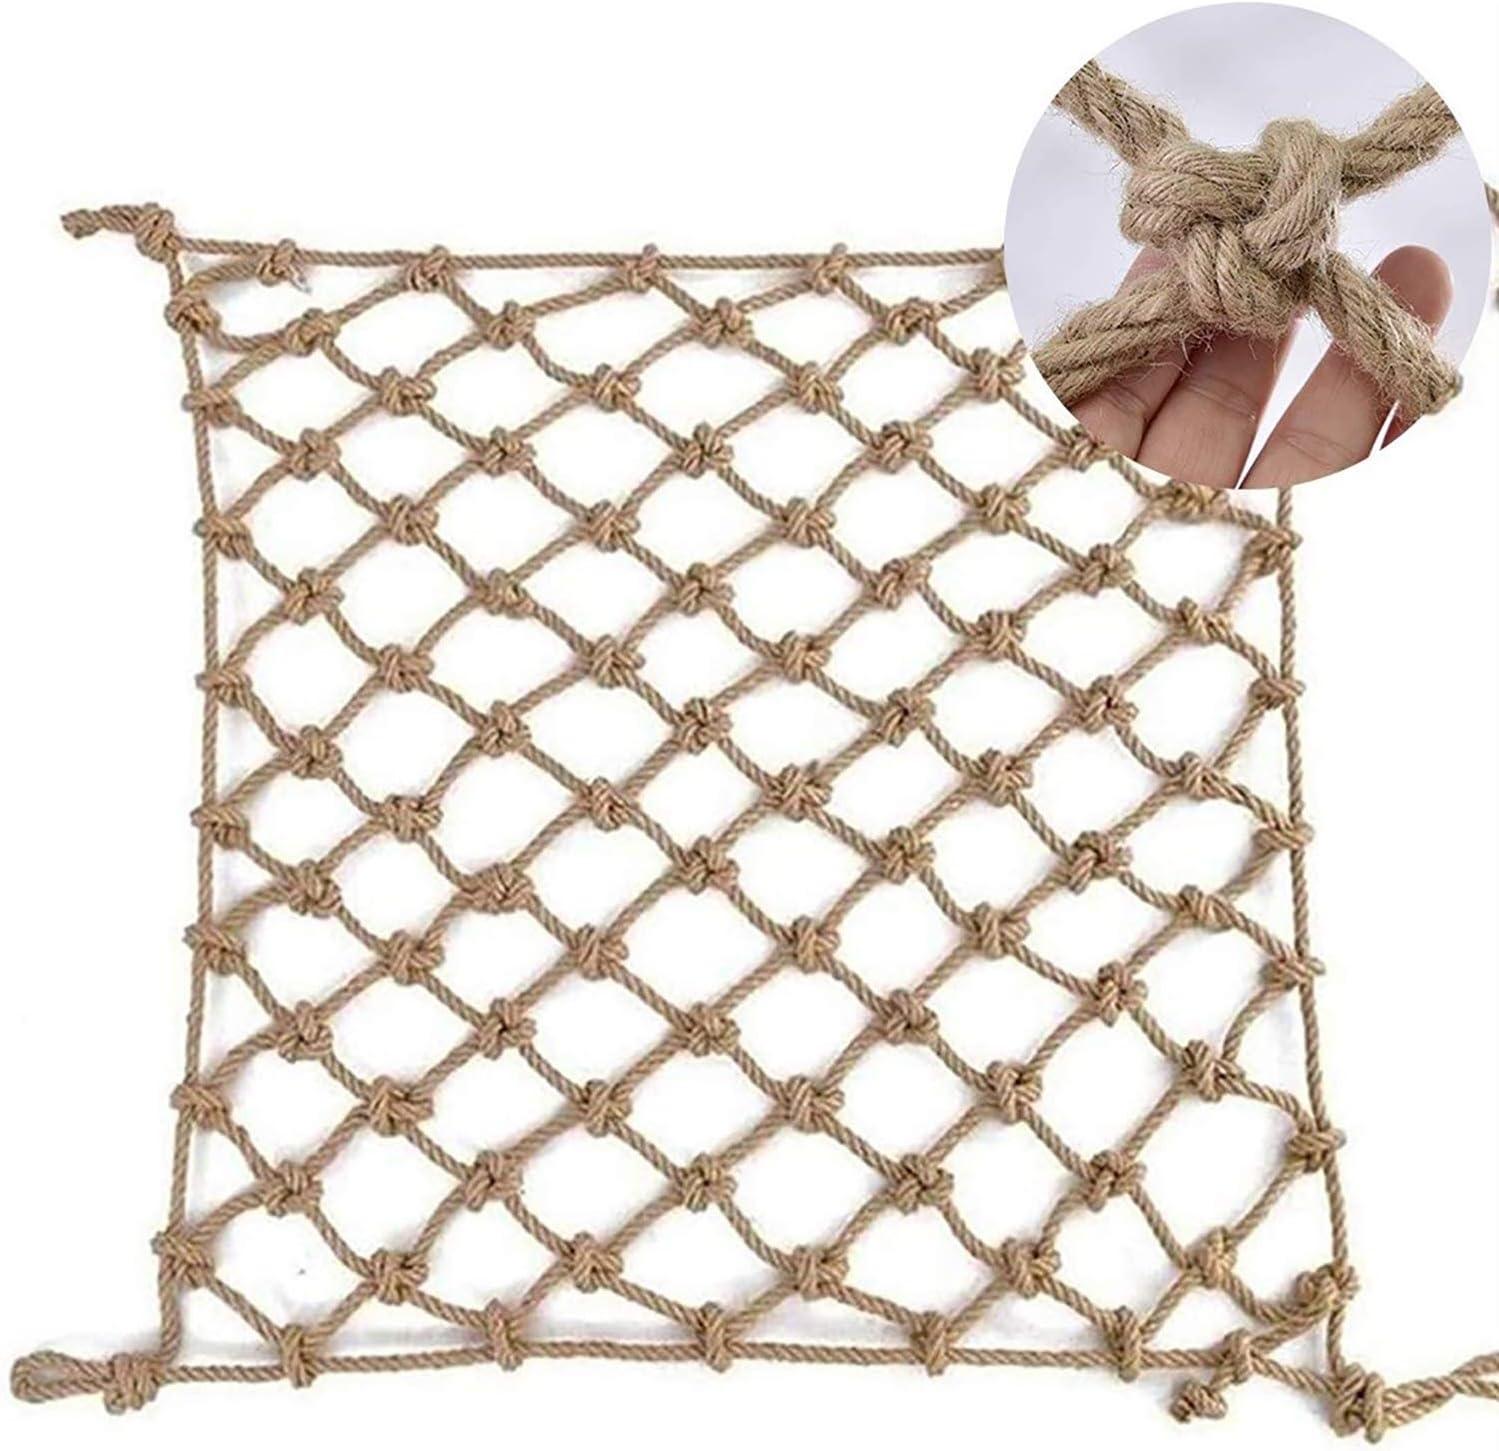 Hemp Rope Net Max 55% OFF Balcony Protective Anti-Fall Oklahoma City Mall Child - Netting